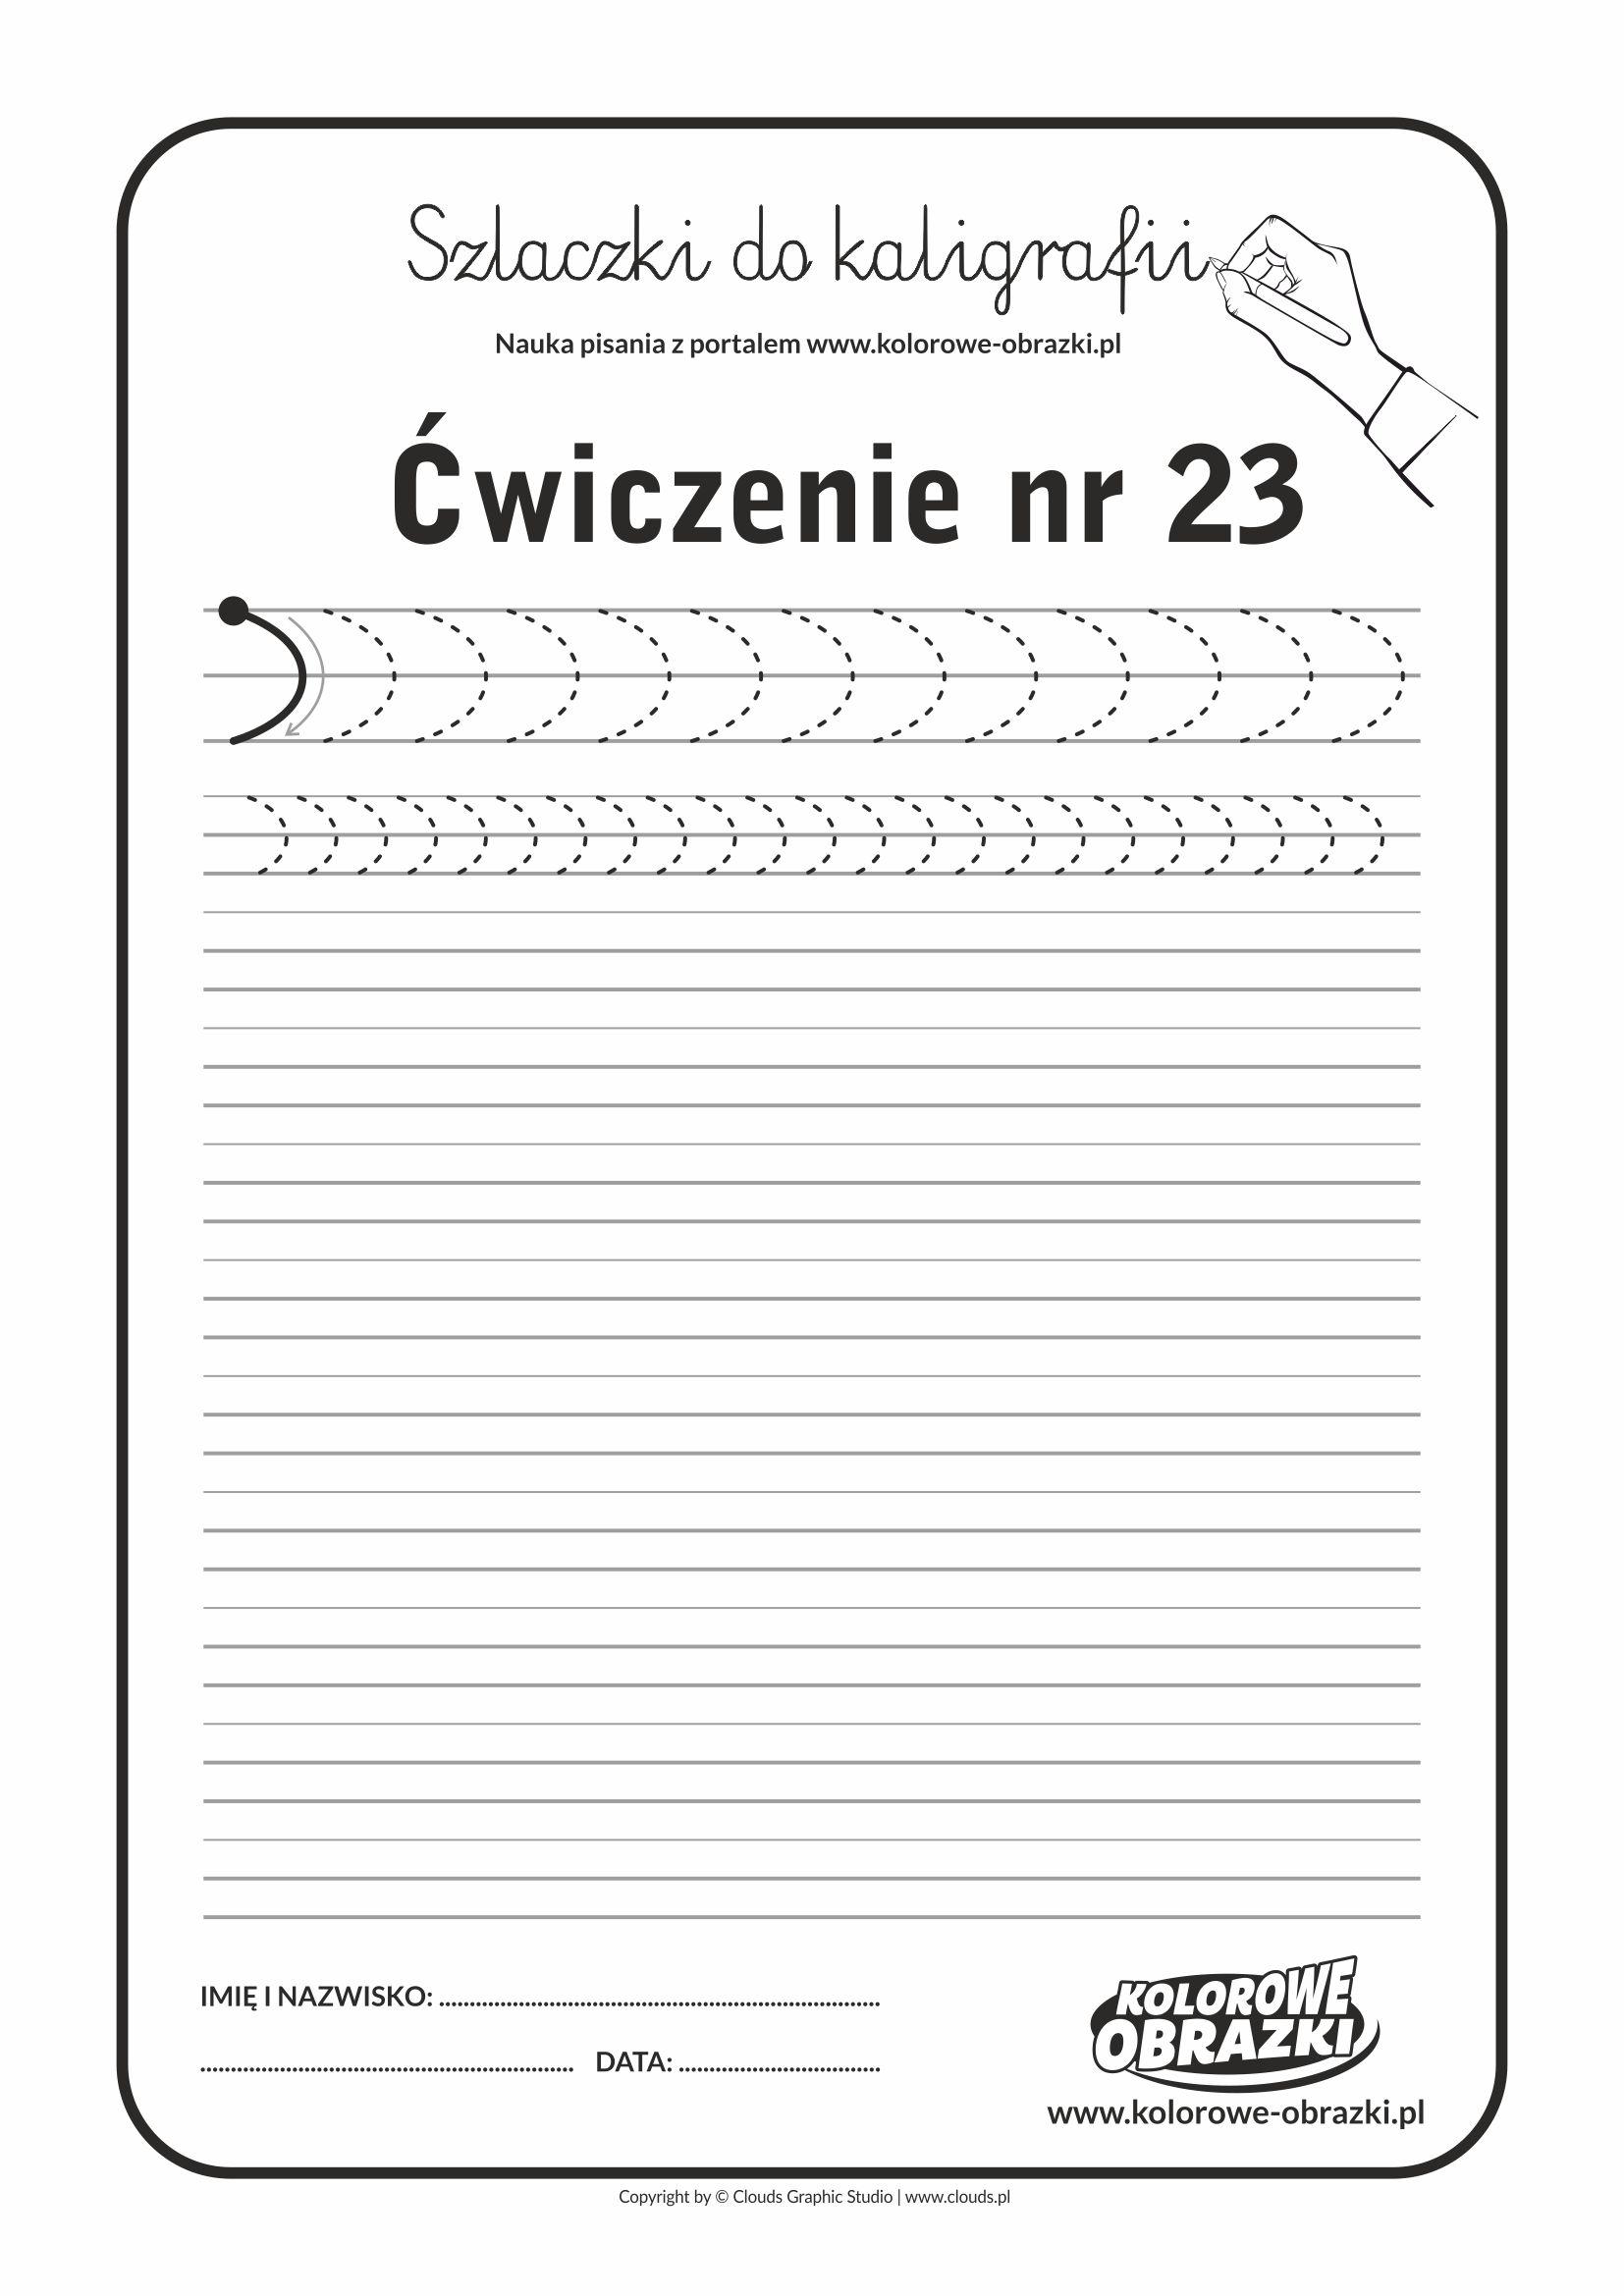 Szlaczki - Nauka kaligrafii dla dzieci - Ćwiczenie nr 23